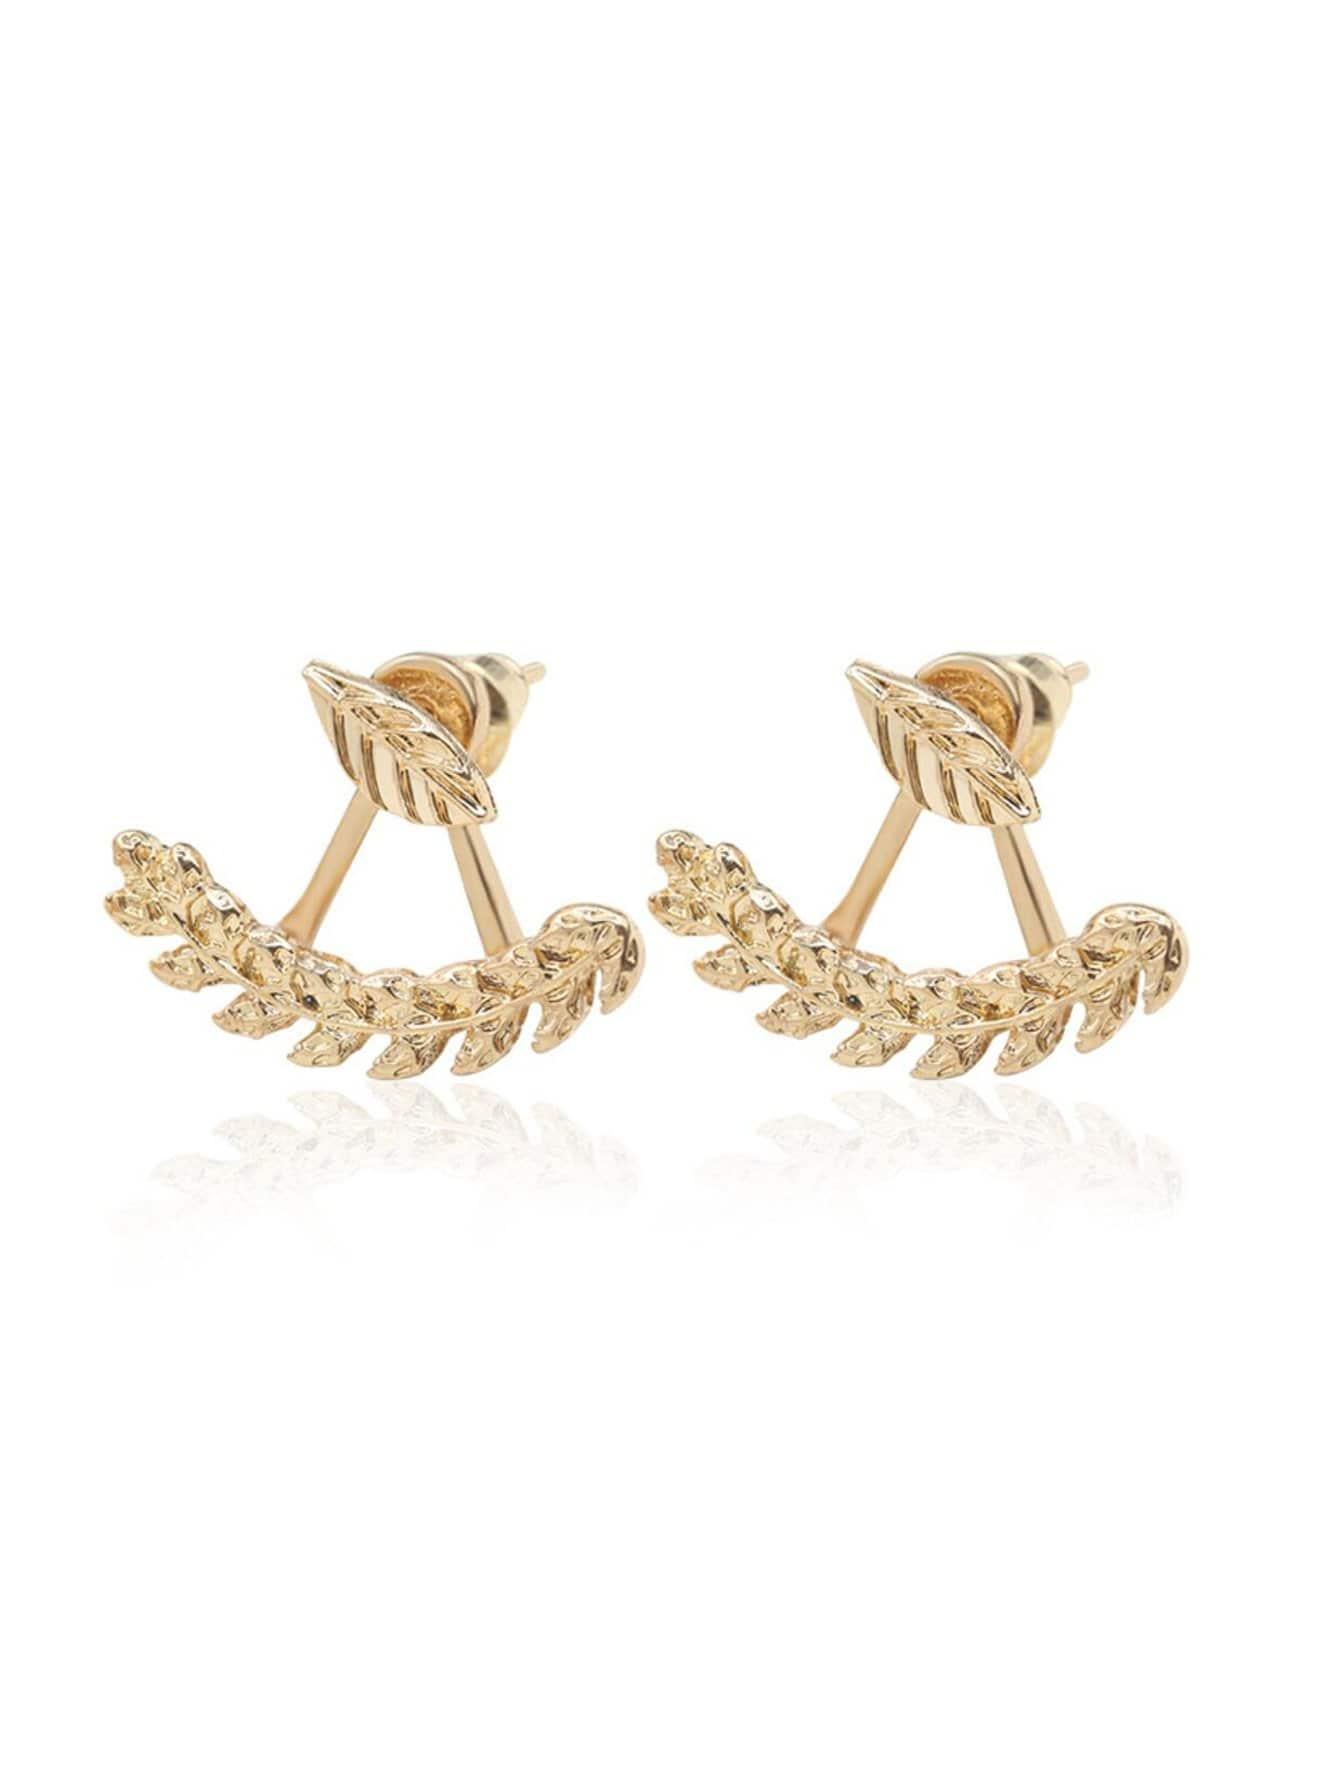 Leaf Shape Swing Stud Earrings